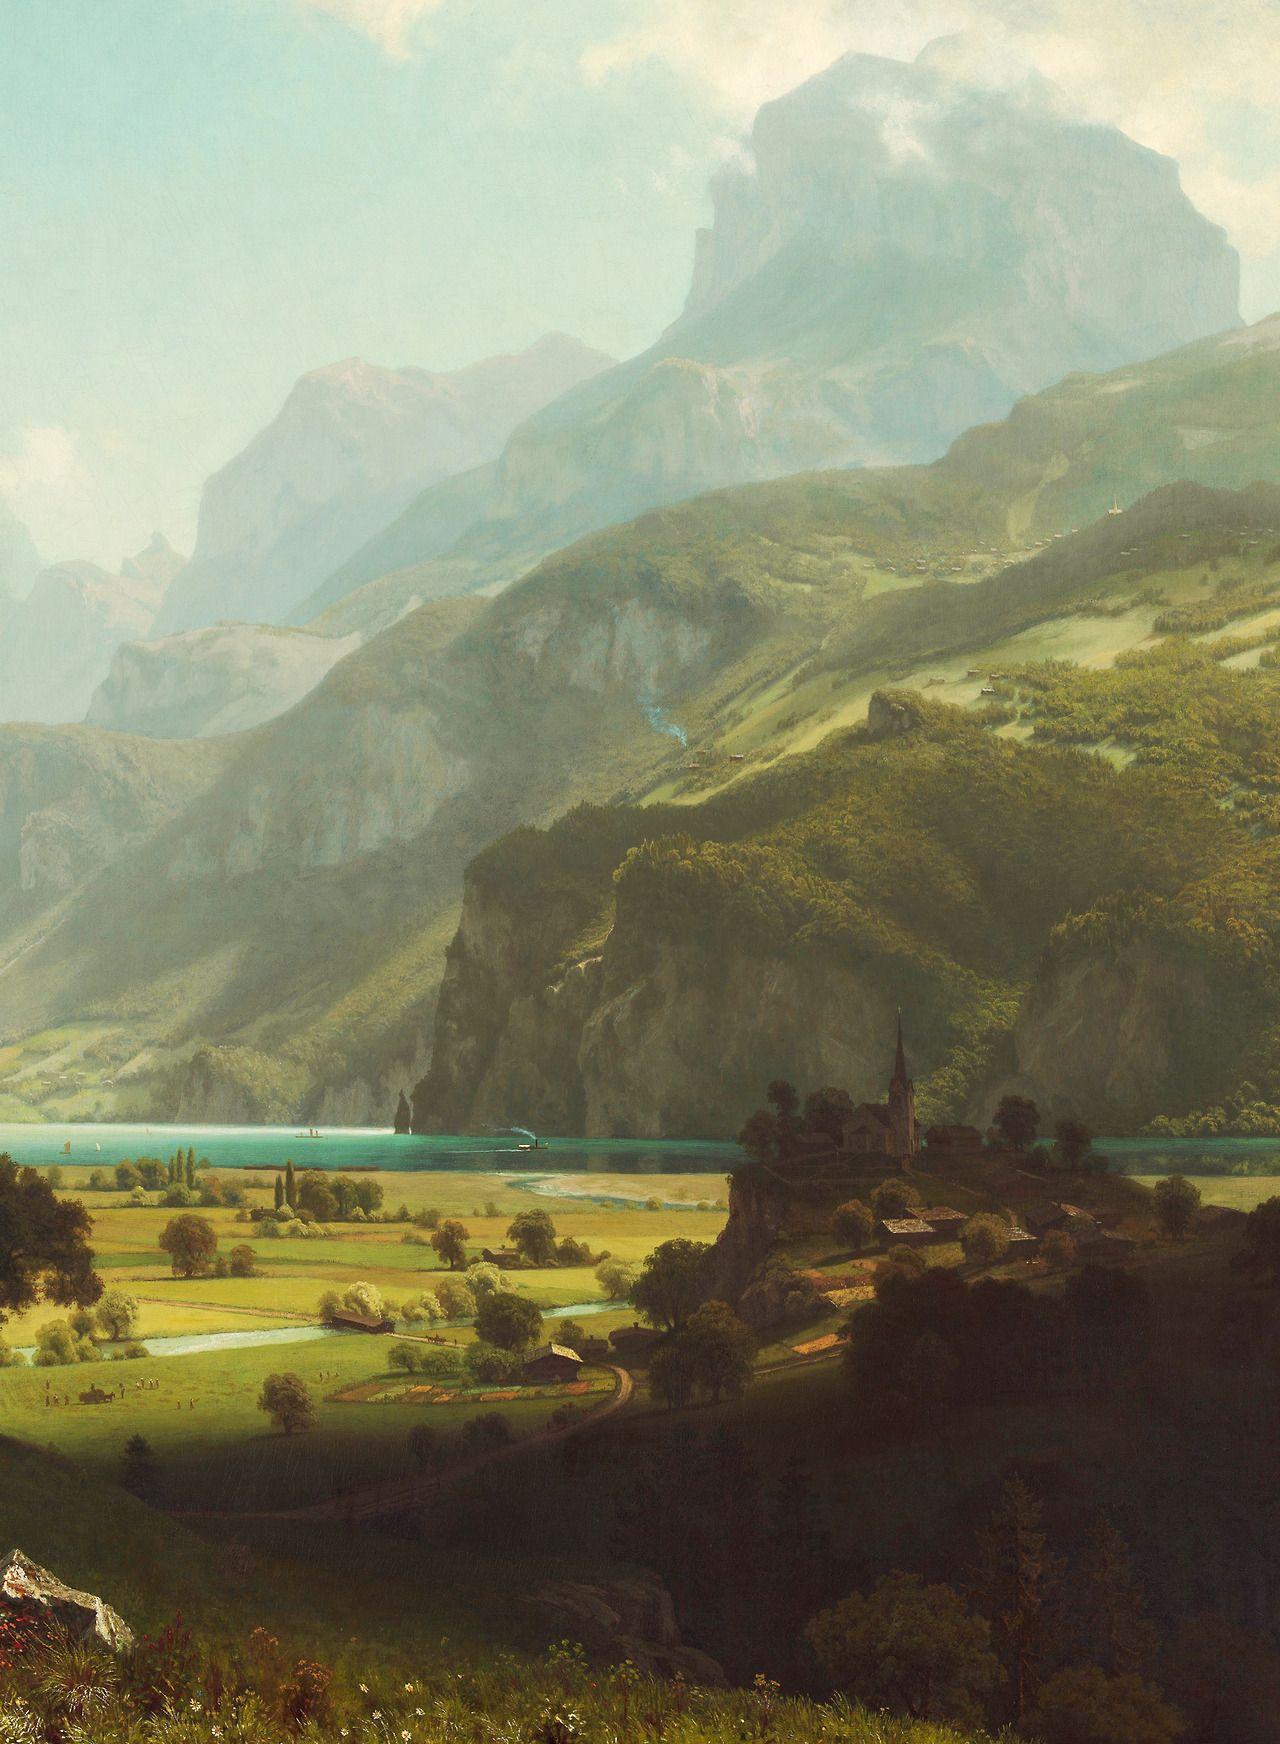 jaded-mandarin: Albert Bierstadt. Lake Lucerne, 1858. Detail ...